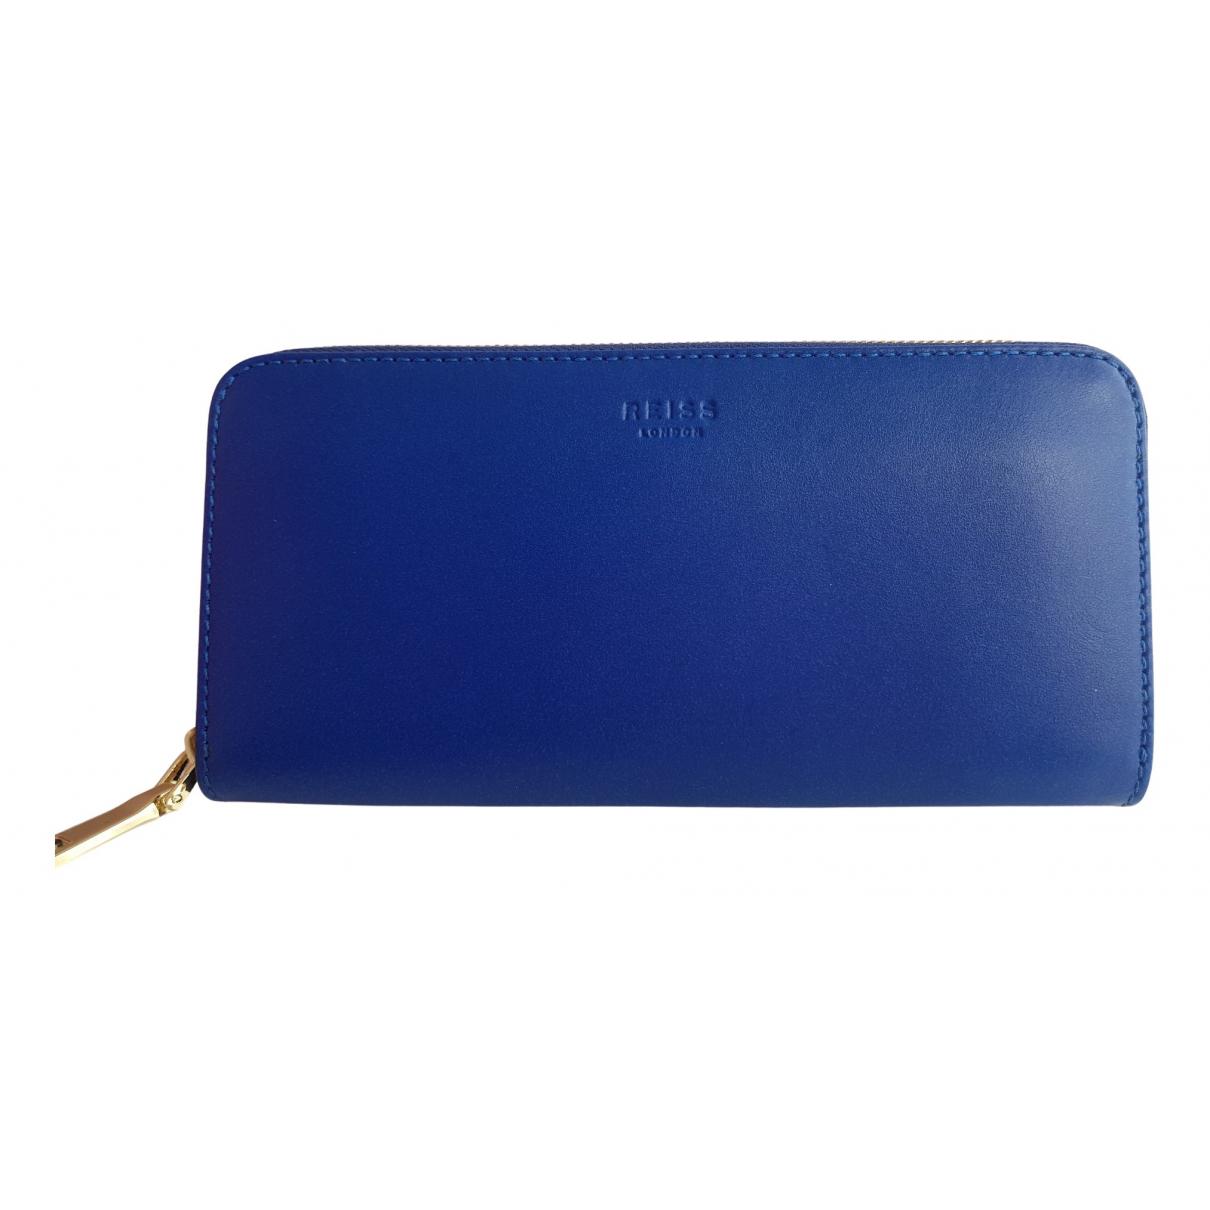 Reiss \N Portemonnaie in  Blau Leder